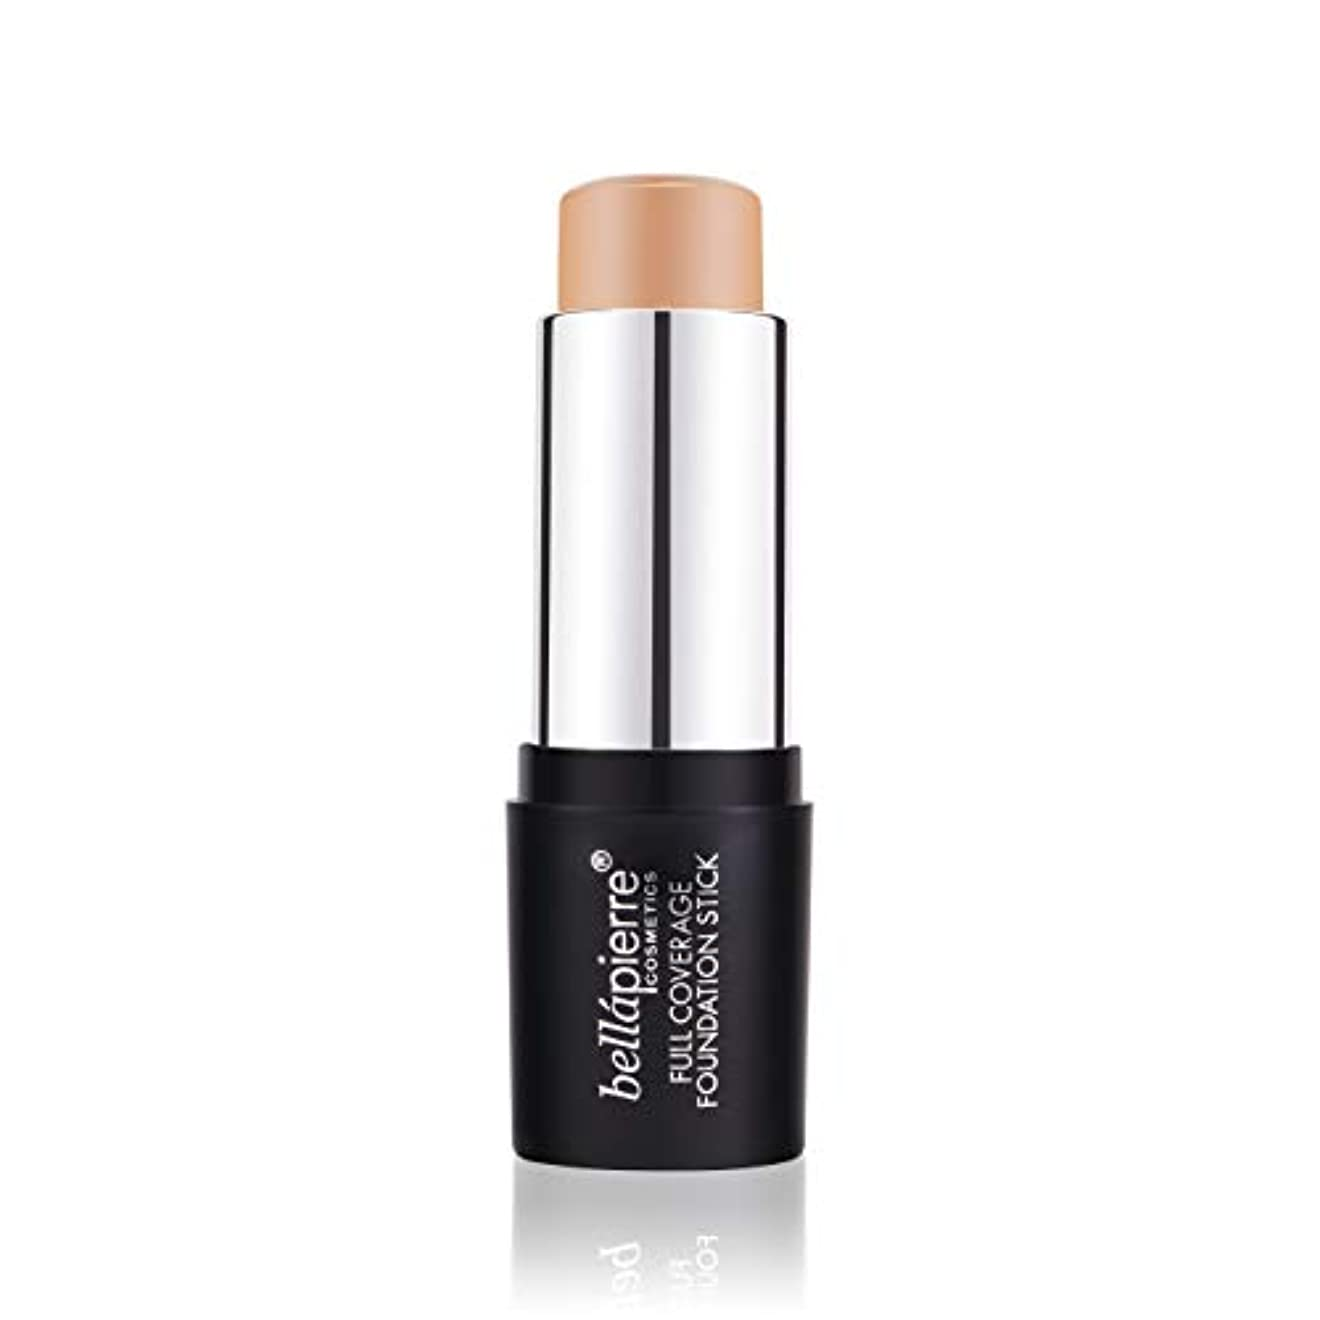 地質学疲れたアソシエイトBellapierre Cosmetics Full Coverage Foundation Stick - # Dark 10g/0.35oz並行輸入品